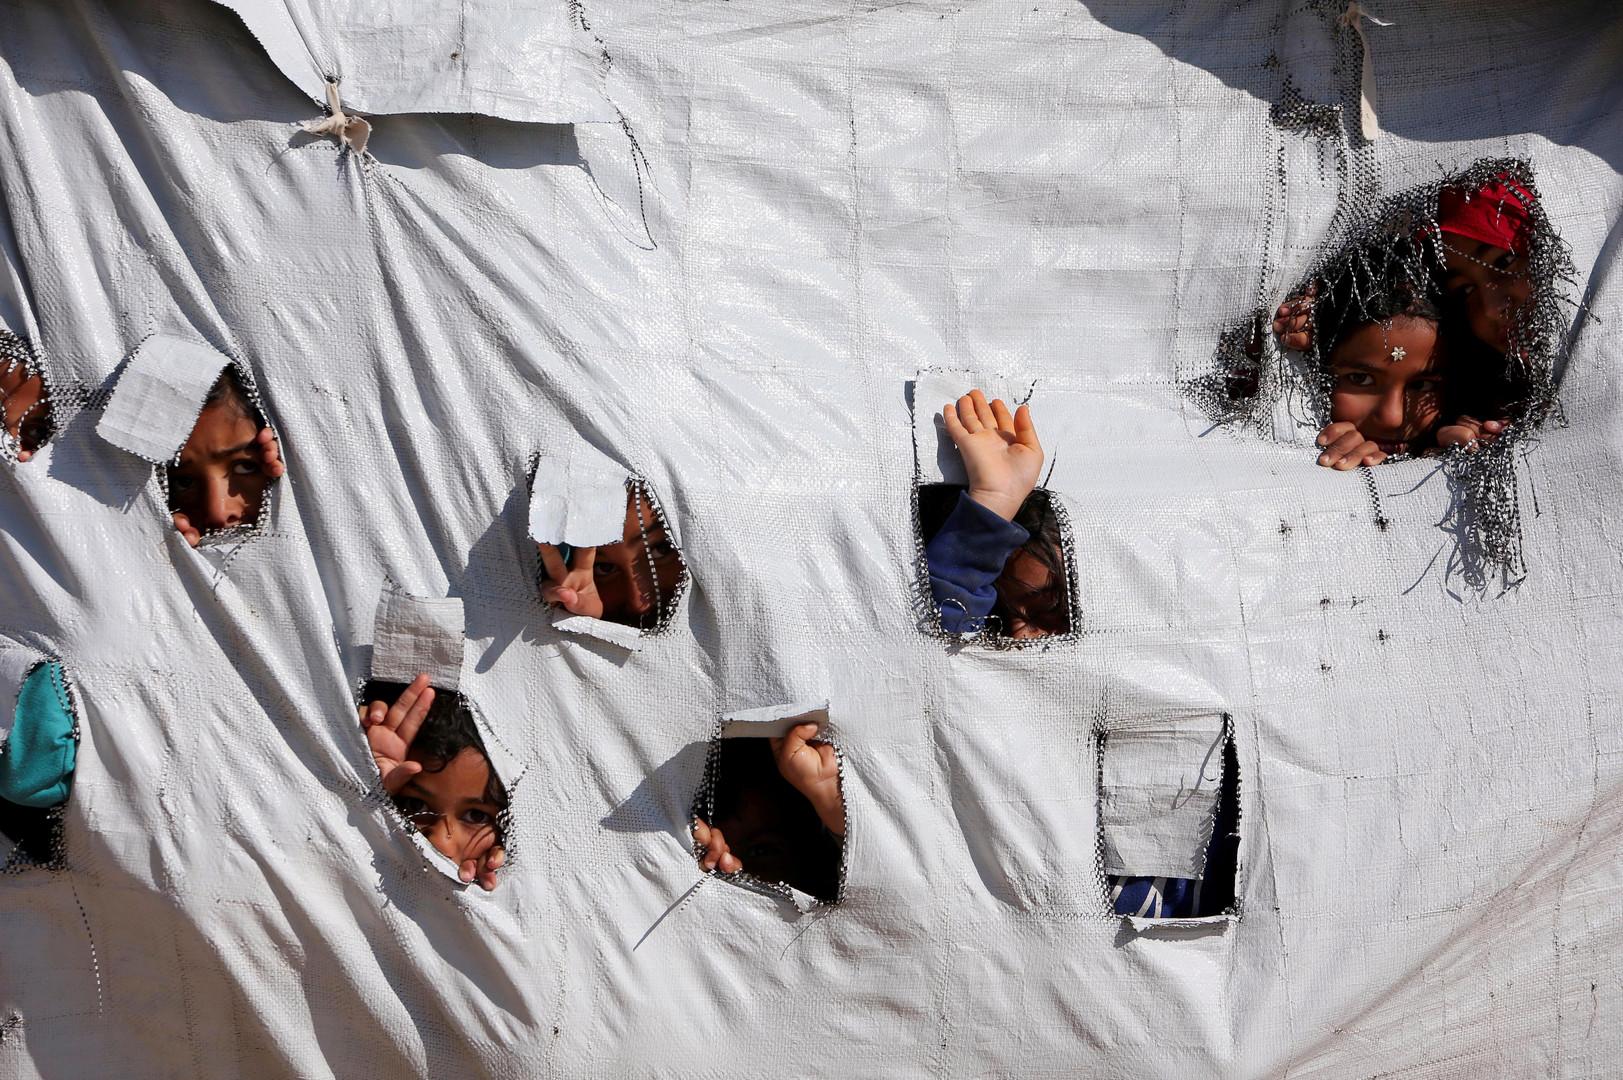 أيتام داعش .. دولة أوروبية جديدة تخطط لاستعادة طفلين من سوريا -